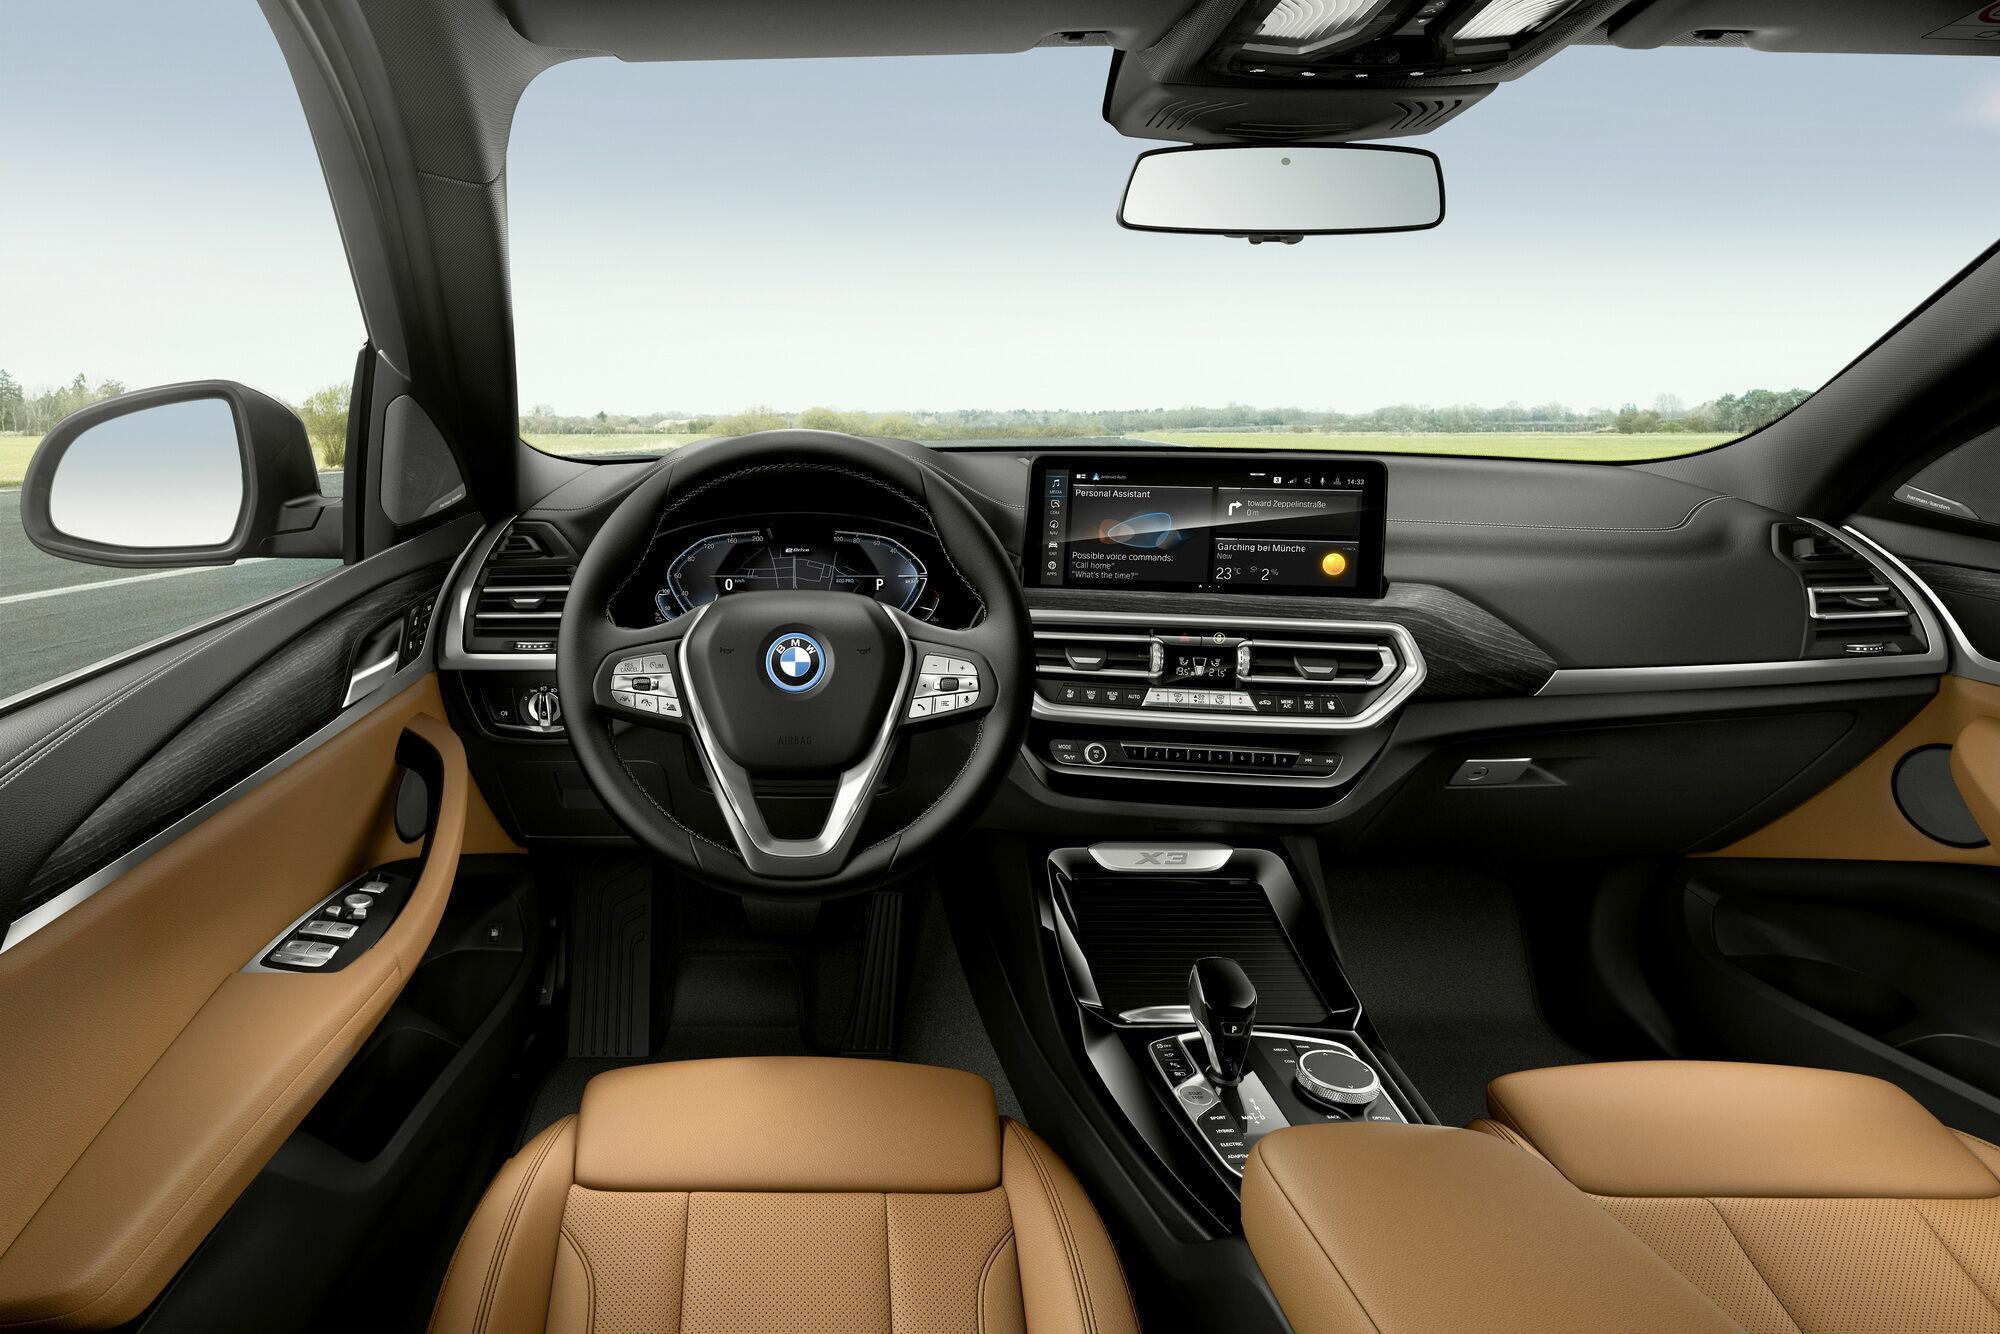 BMW Live Cockpit Plus